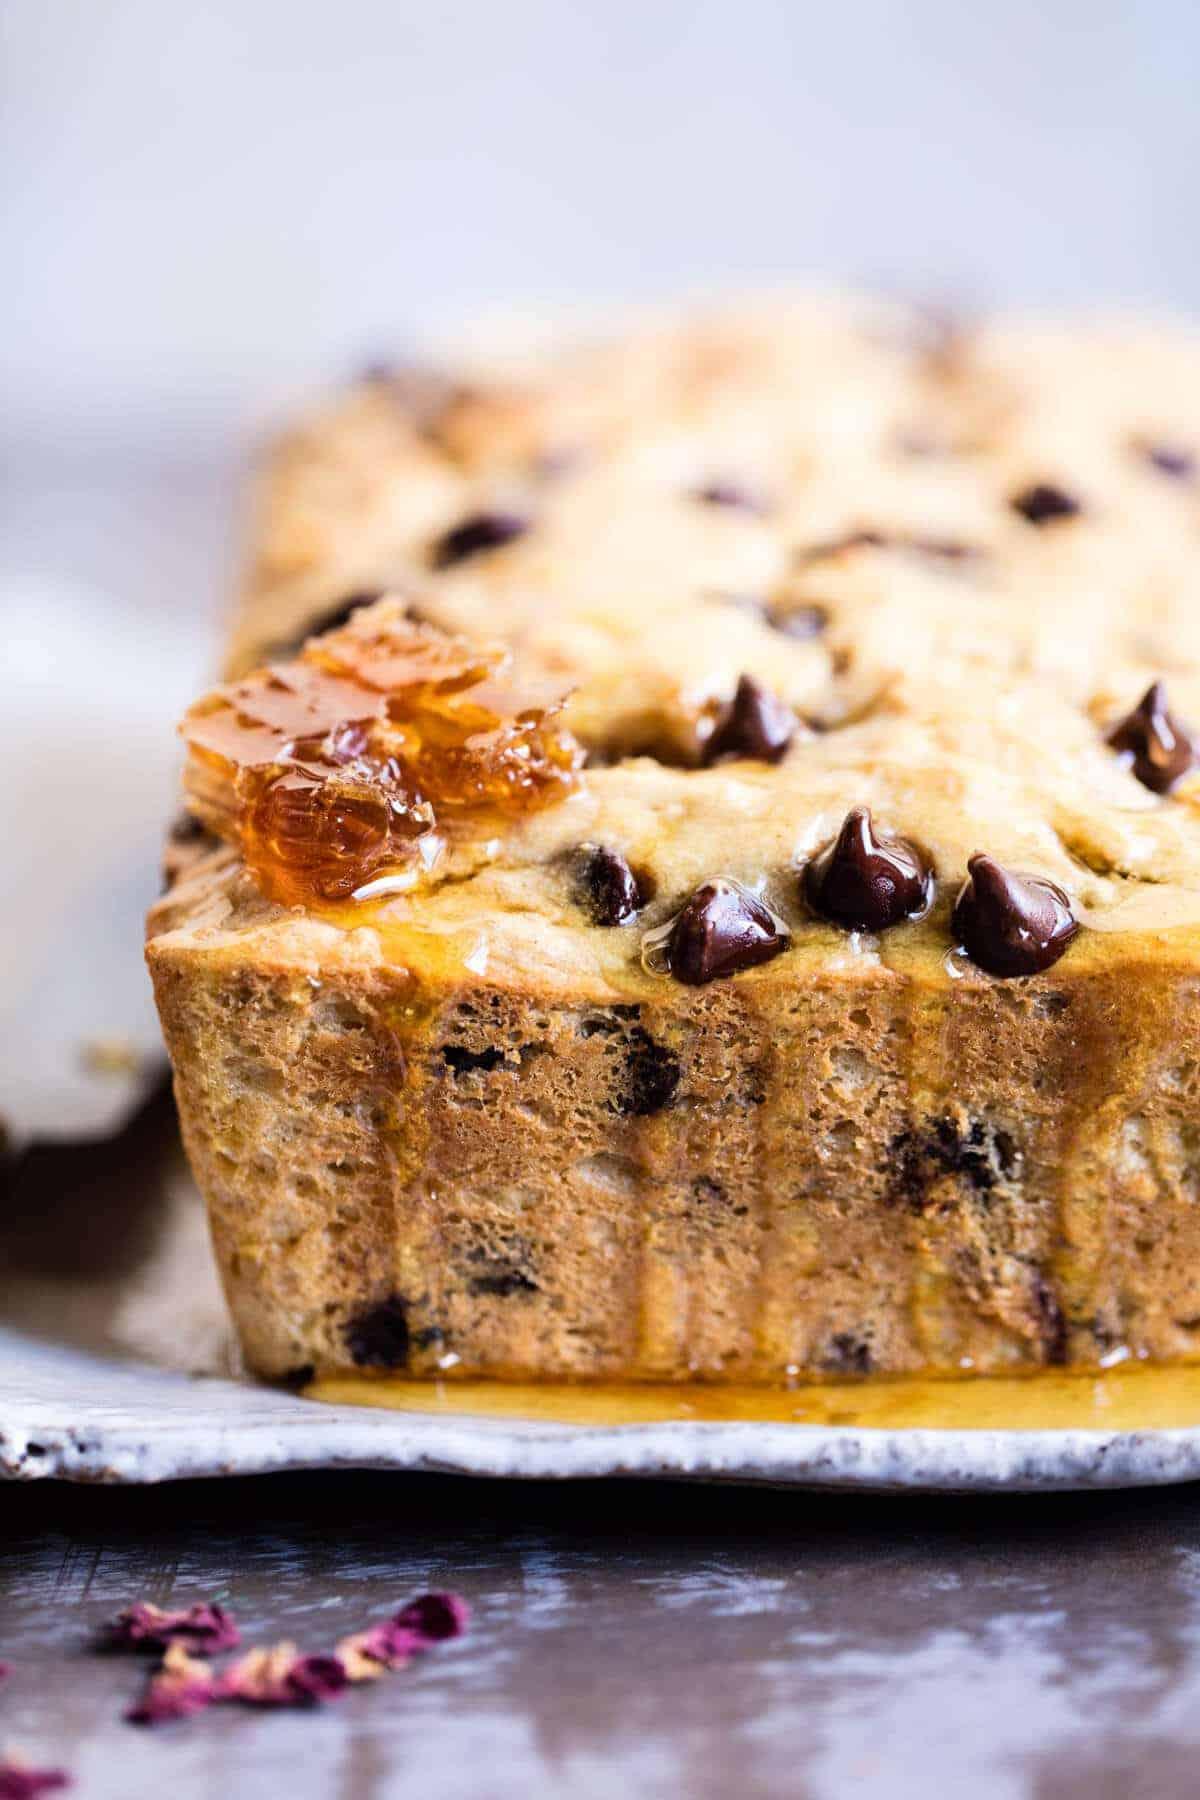 Nourishing 7 Ingredient Chocolate Chip Ricotta Banana Bread + Video